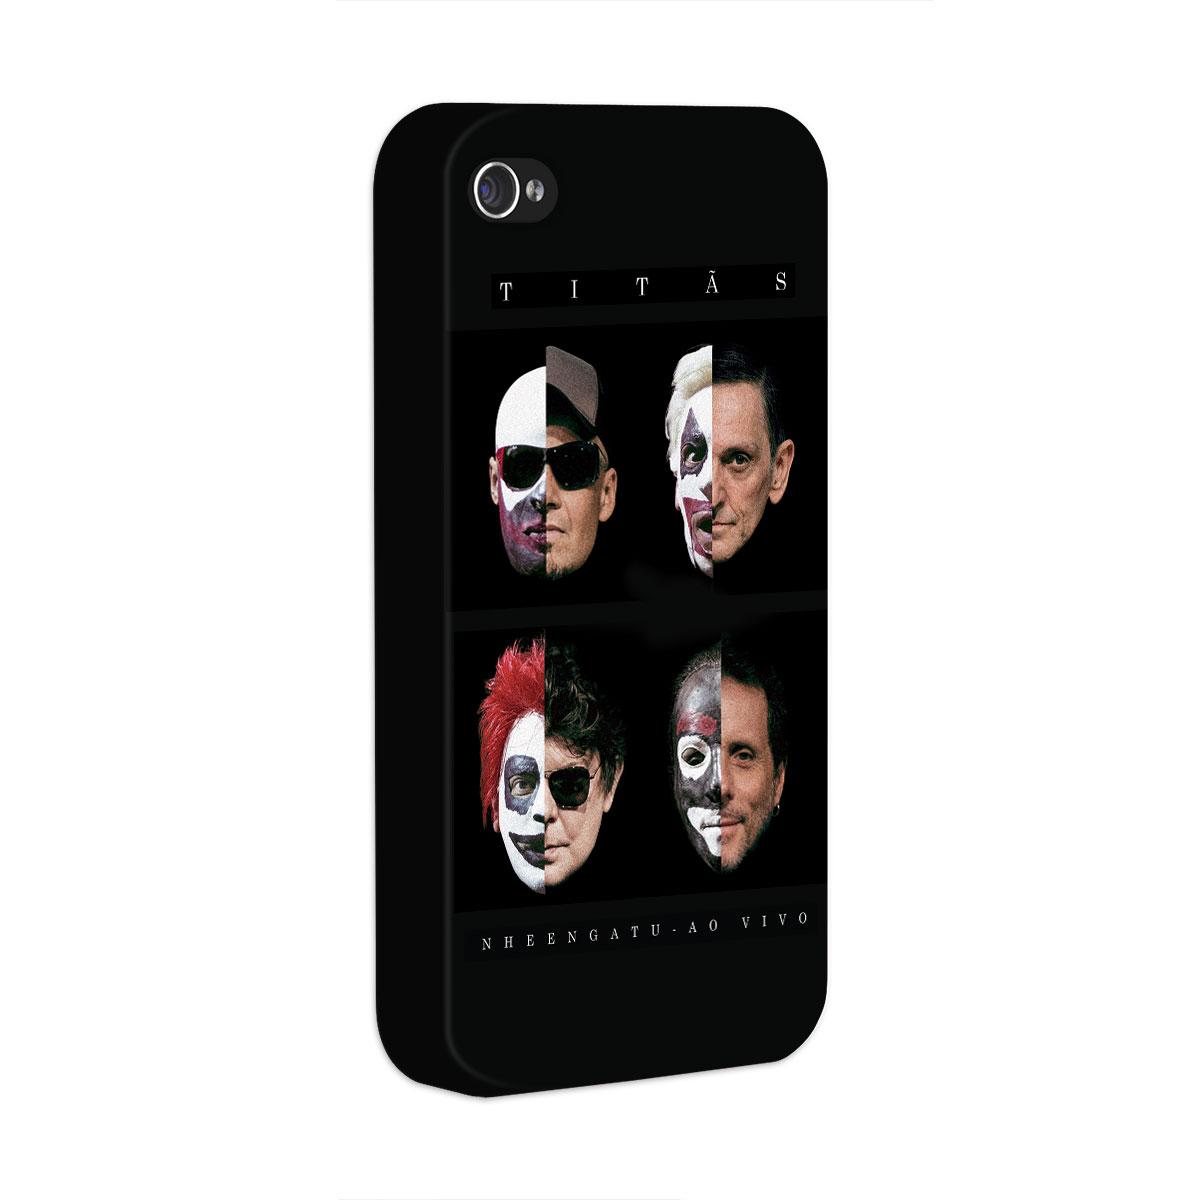 Capa para iPhone 4/4S Titãs Capa Nheengatu Ao Vivo